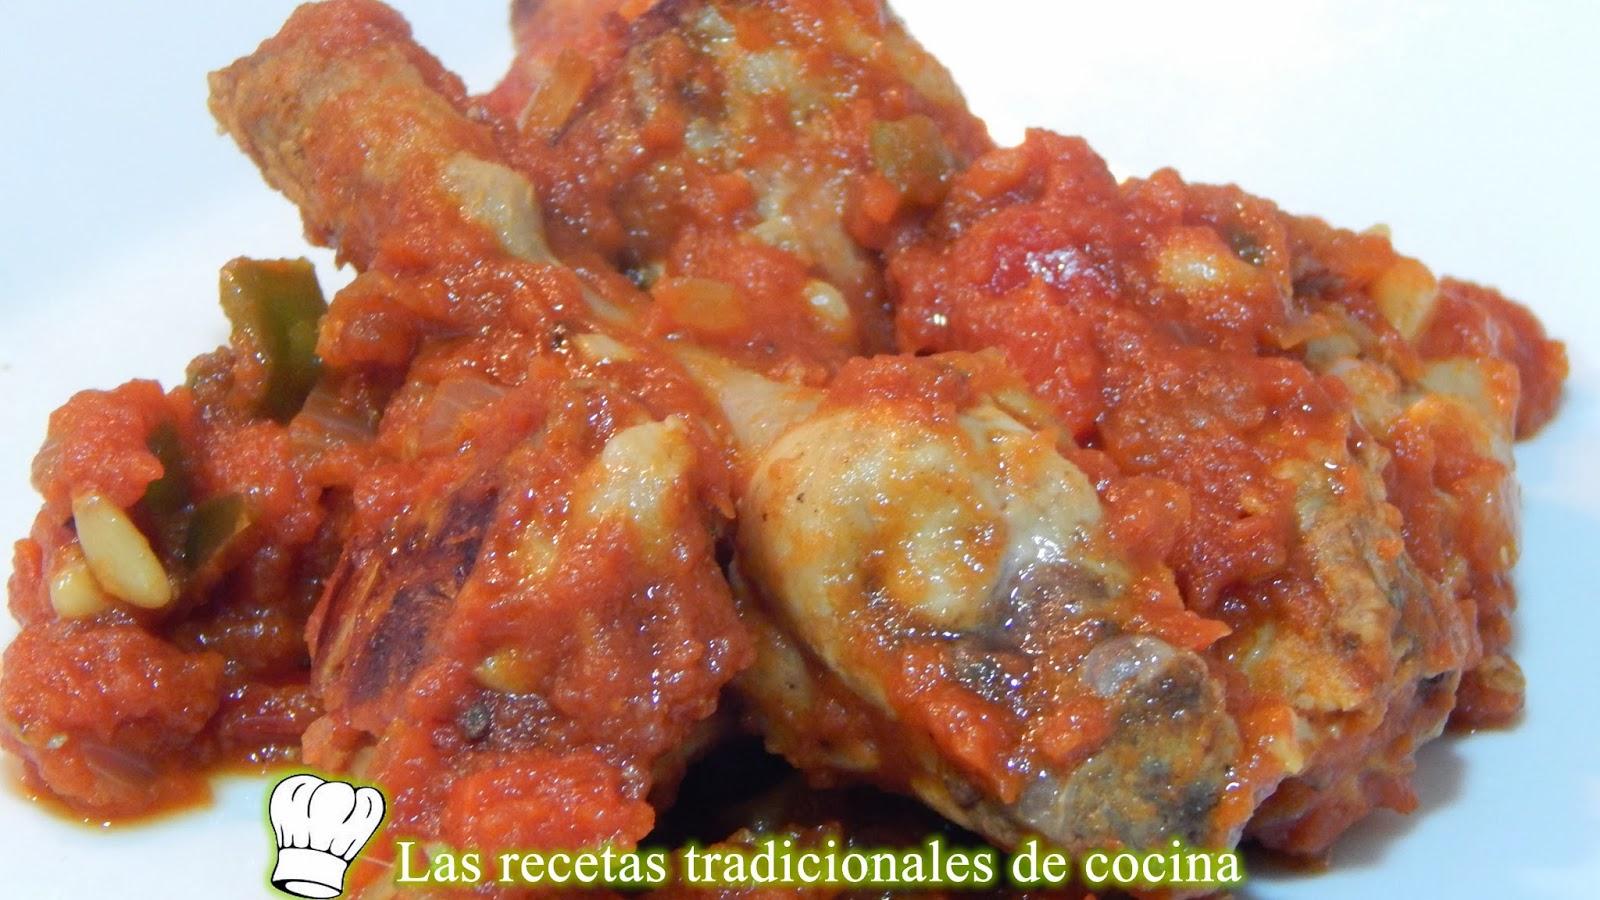 Recetas De Cocina Conejo | Receta Facil De Conejo Con Tomate Recetas De Cocina Con Sabor